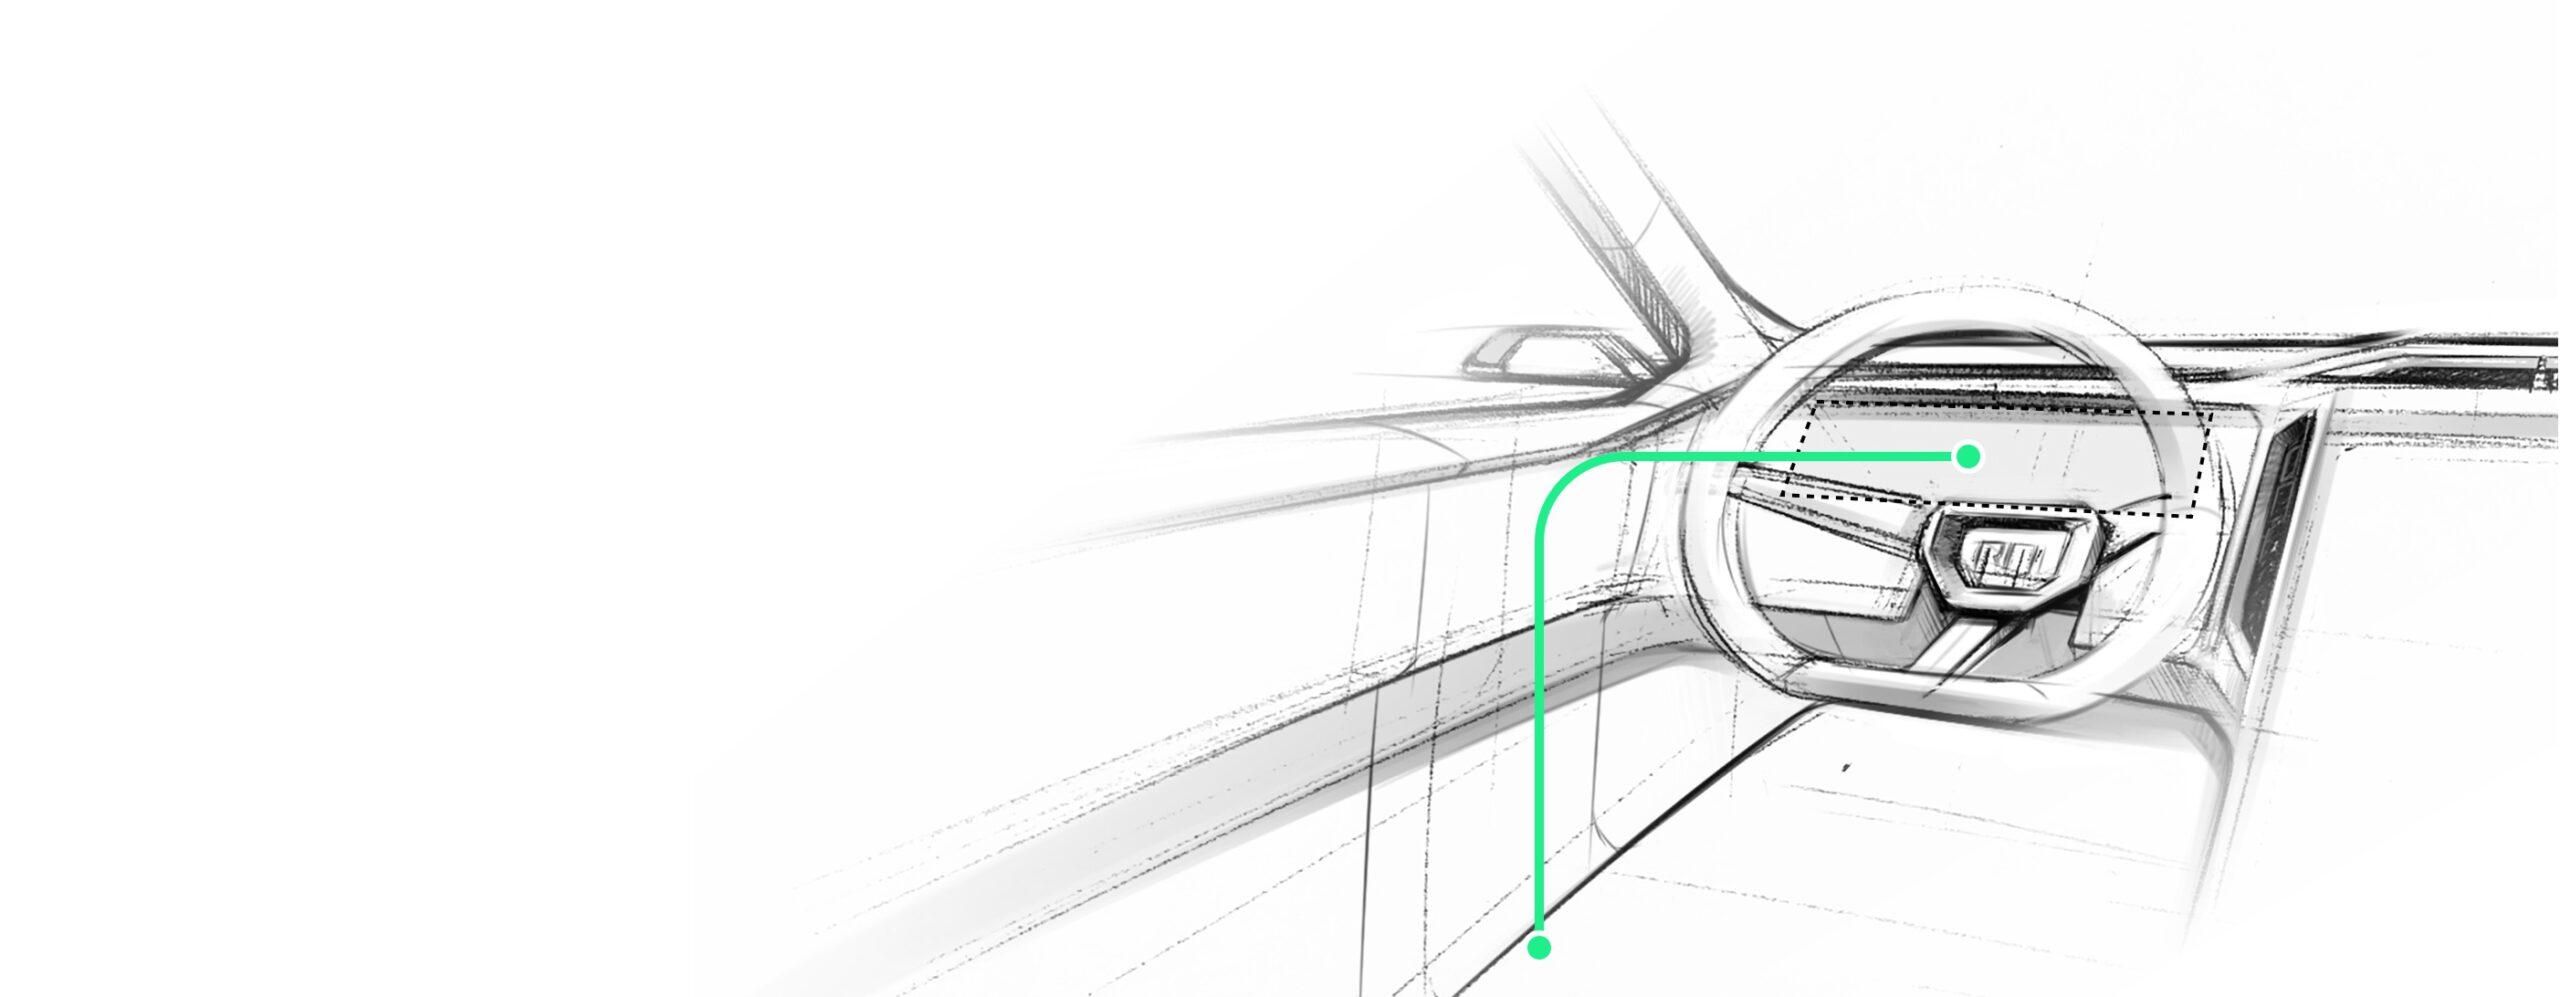 06-dashboard-navigation